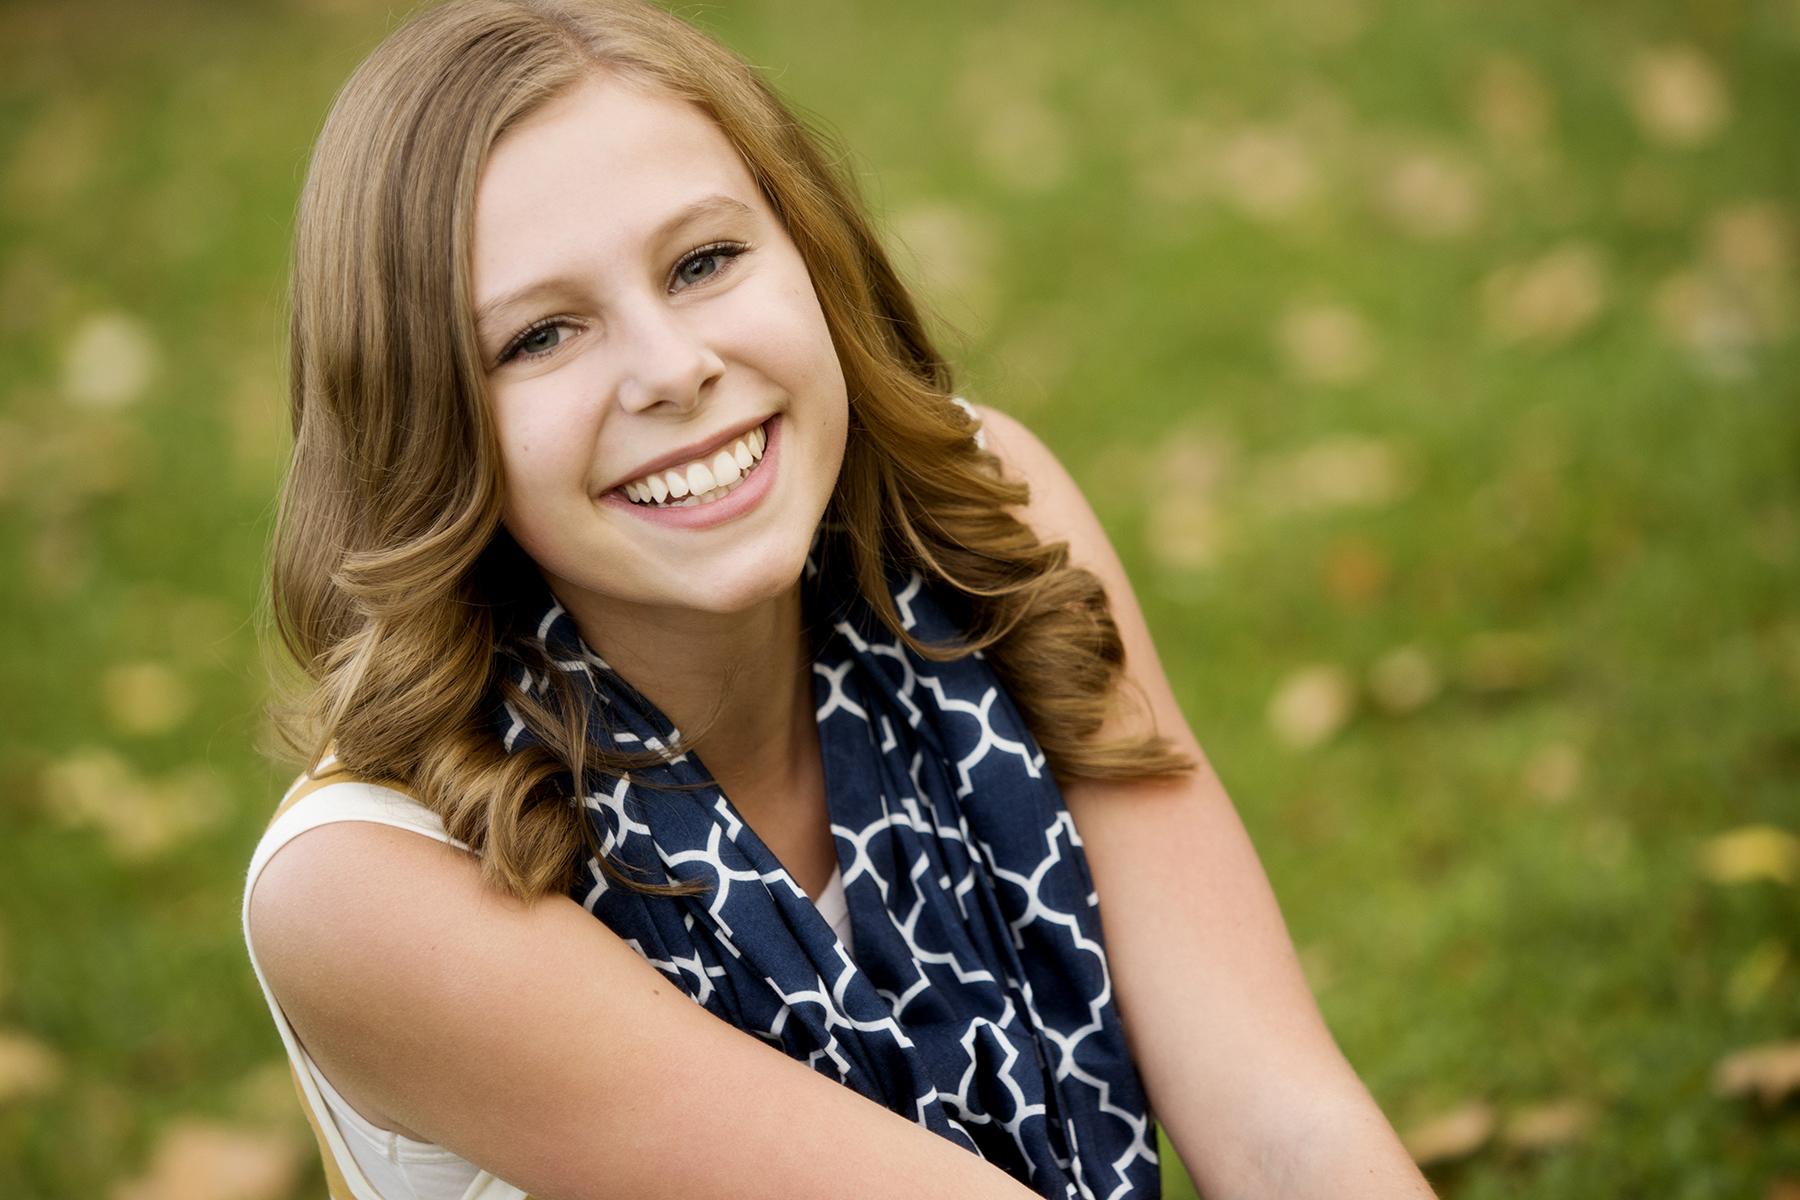 Utah Photos young woman smiling happy bokeh